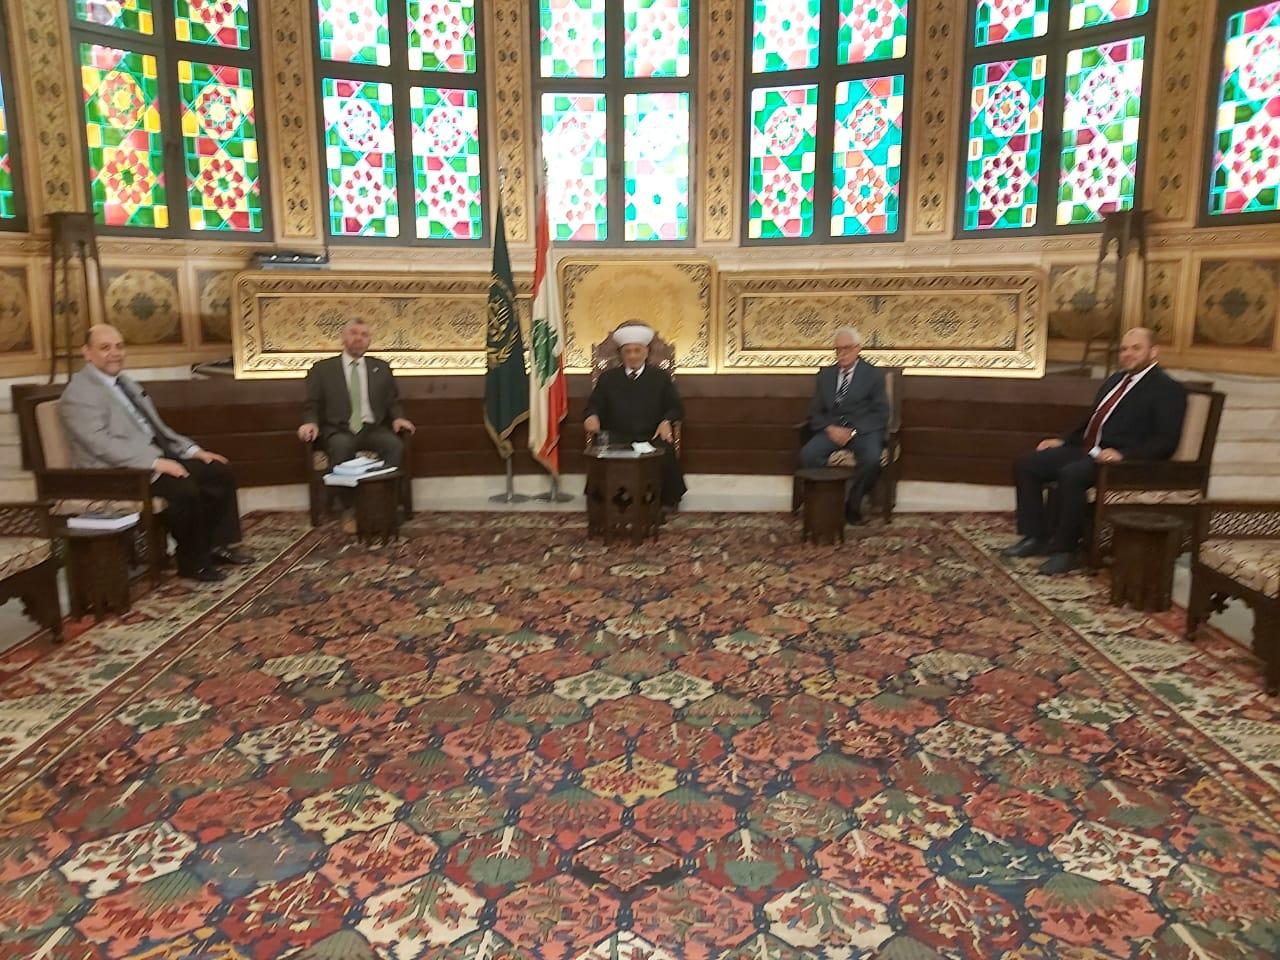 وفد جامعة طرابلس في زيارة مفتي الجمهورية اللبنانية  (2/5)